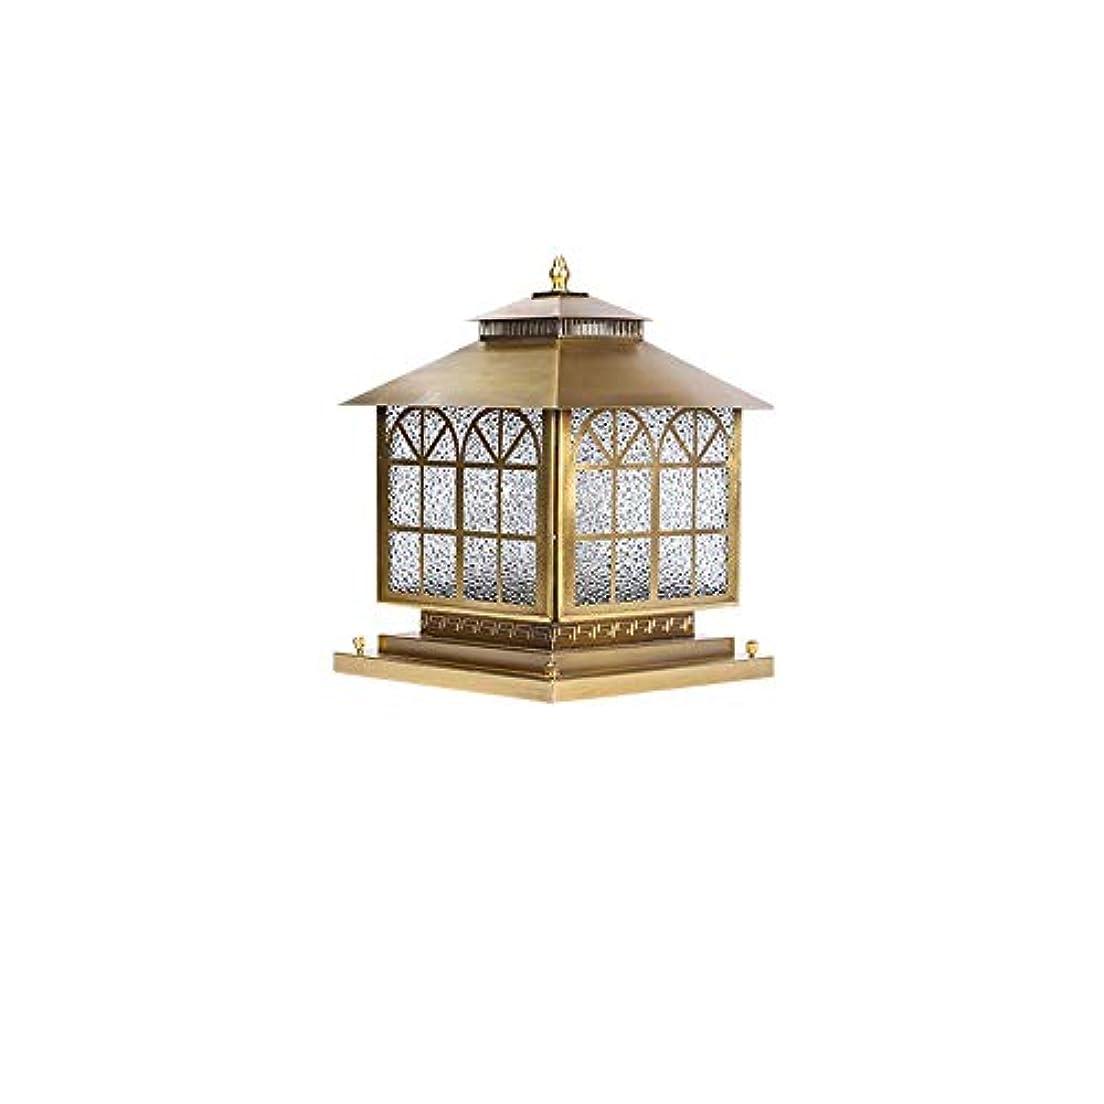 ファイナンスエンターテインメント表現Pinjeer ヴィンテージライト高級すべて銅ガラスE27ガーデンコラムランプヨーロッパip42防水屋外景観ポストライトドアストリート中庭ヴィラコミュニティ装飾柱ライト